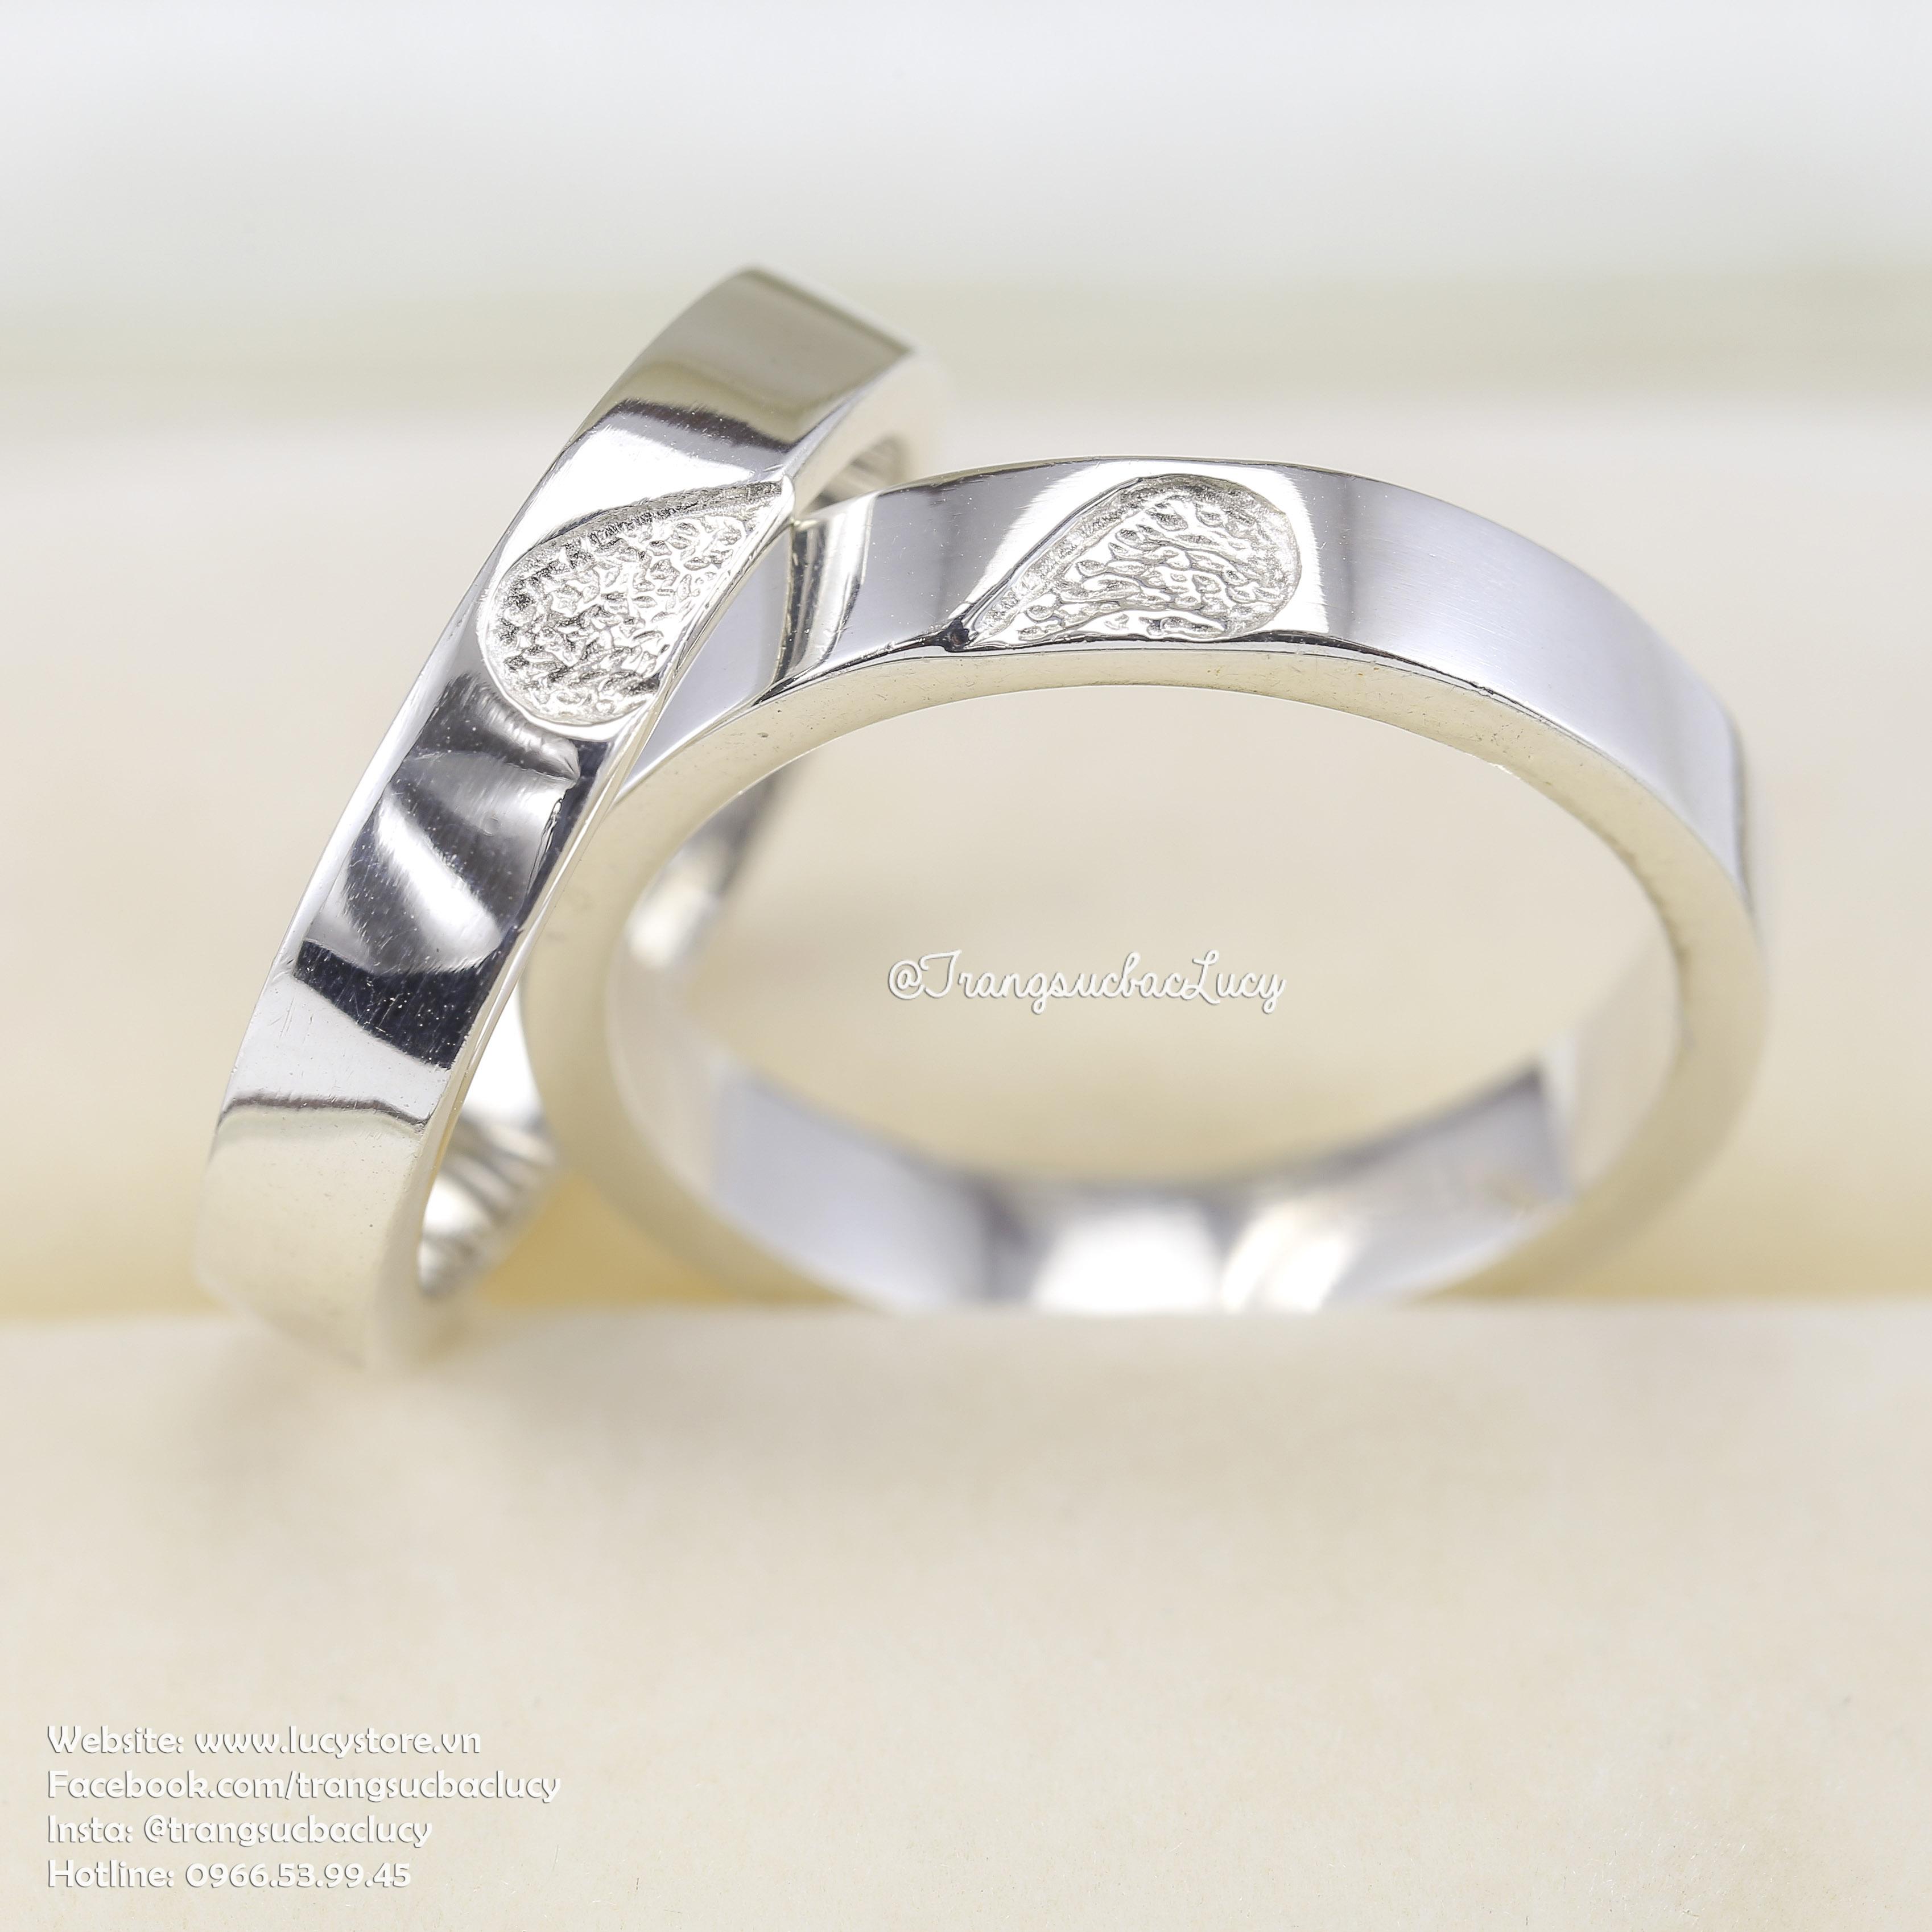 Nhẫn đôi nhẫn cặp bạc Lucy -  ND028